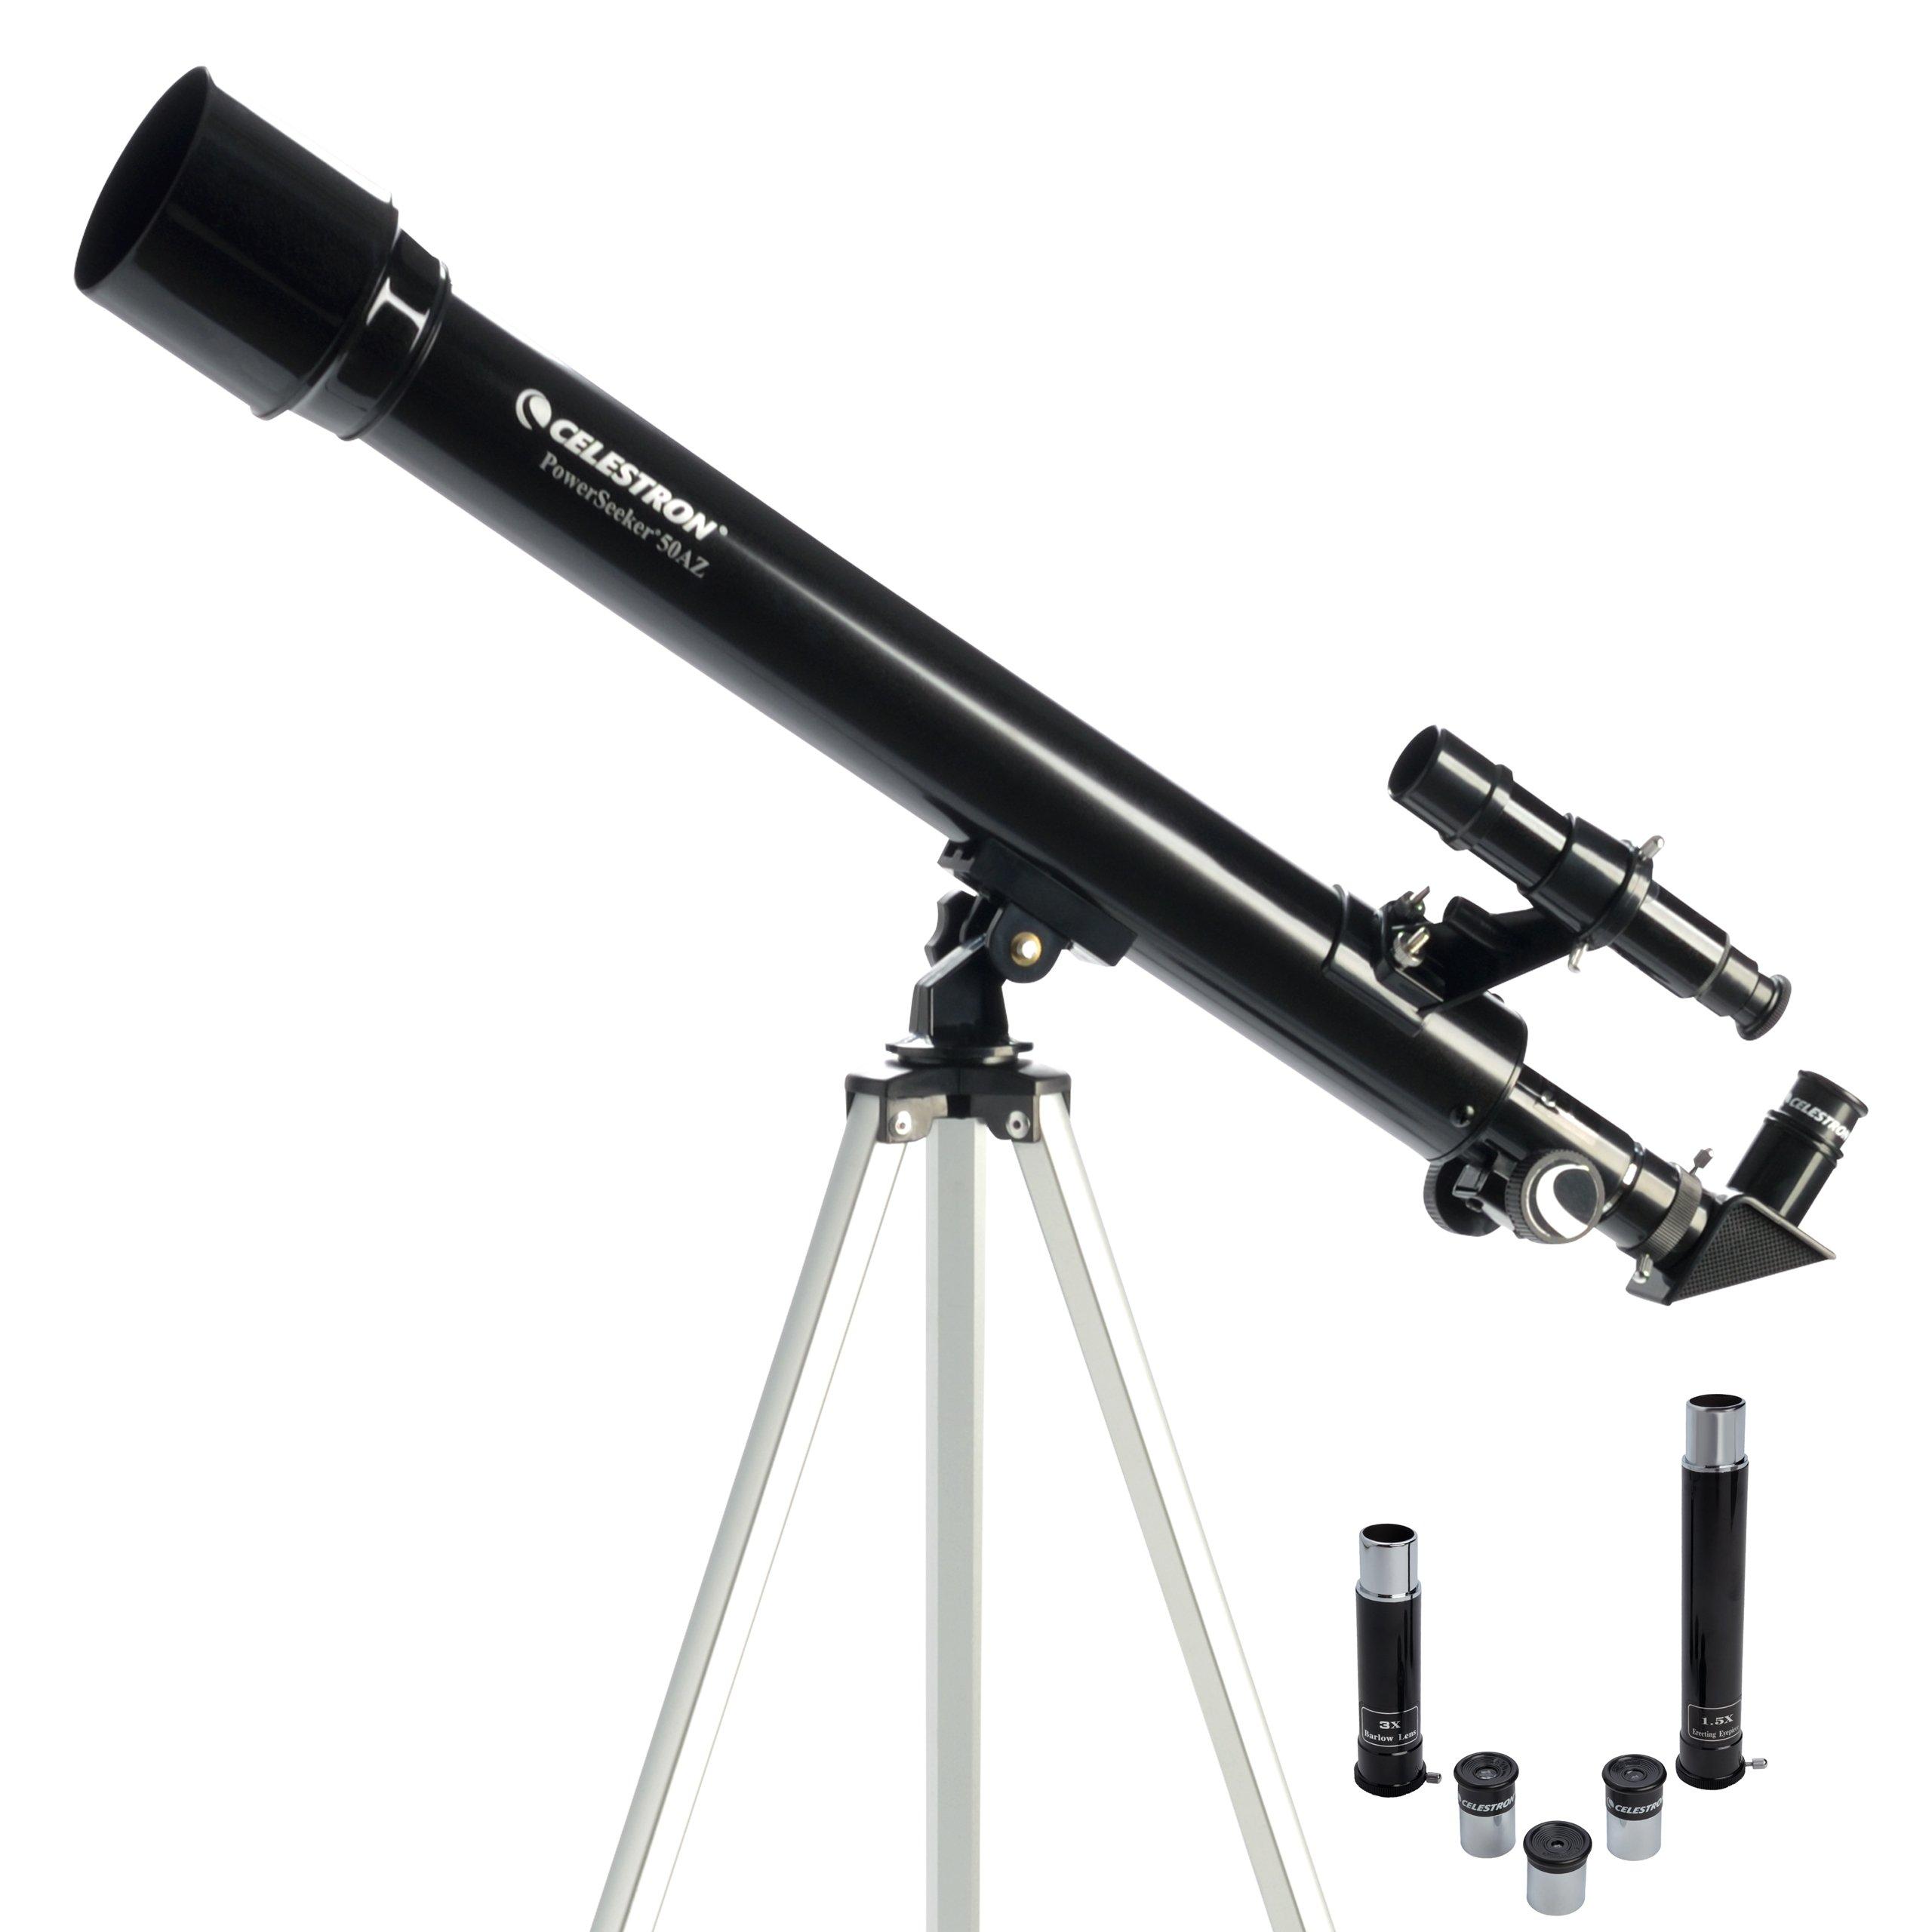 Celestron PowerSeeker 50 AZ Refractor Telescope by Celestron